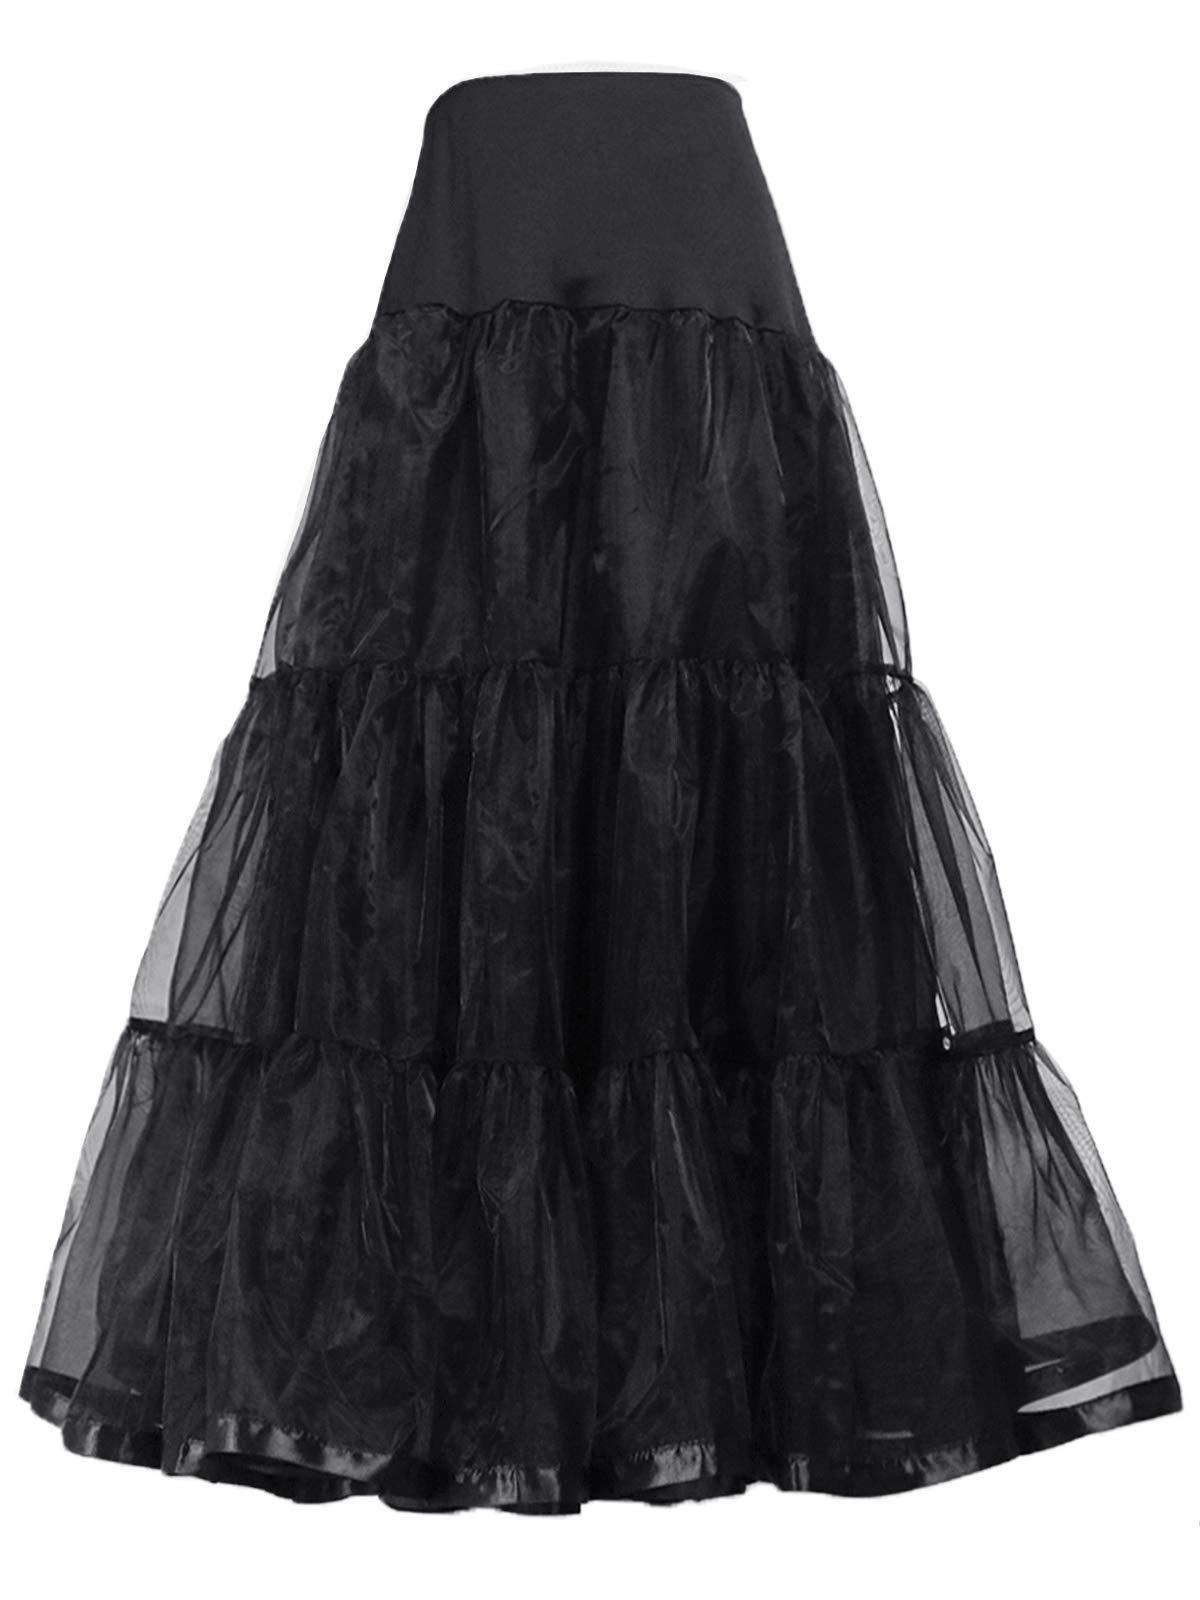 Women's Ankle Length Bridal Net Petticoat Crinoline Tulle Wedding Underskirt